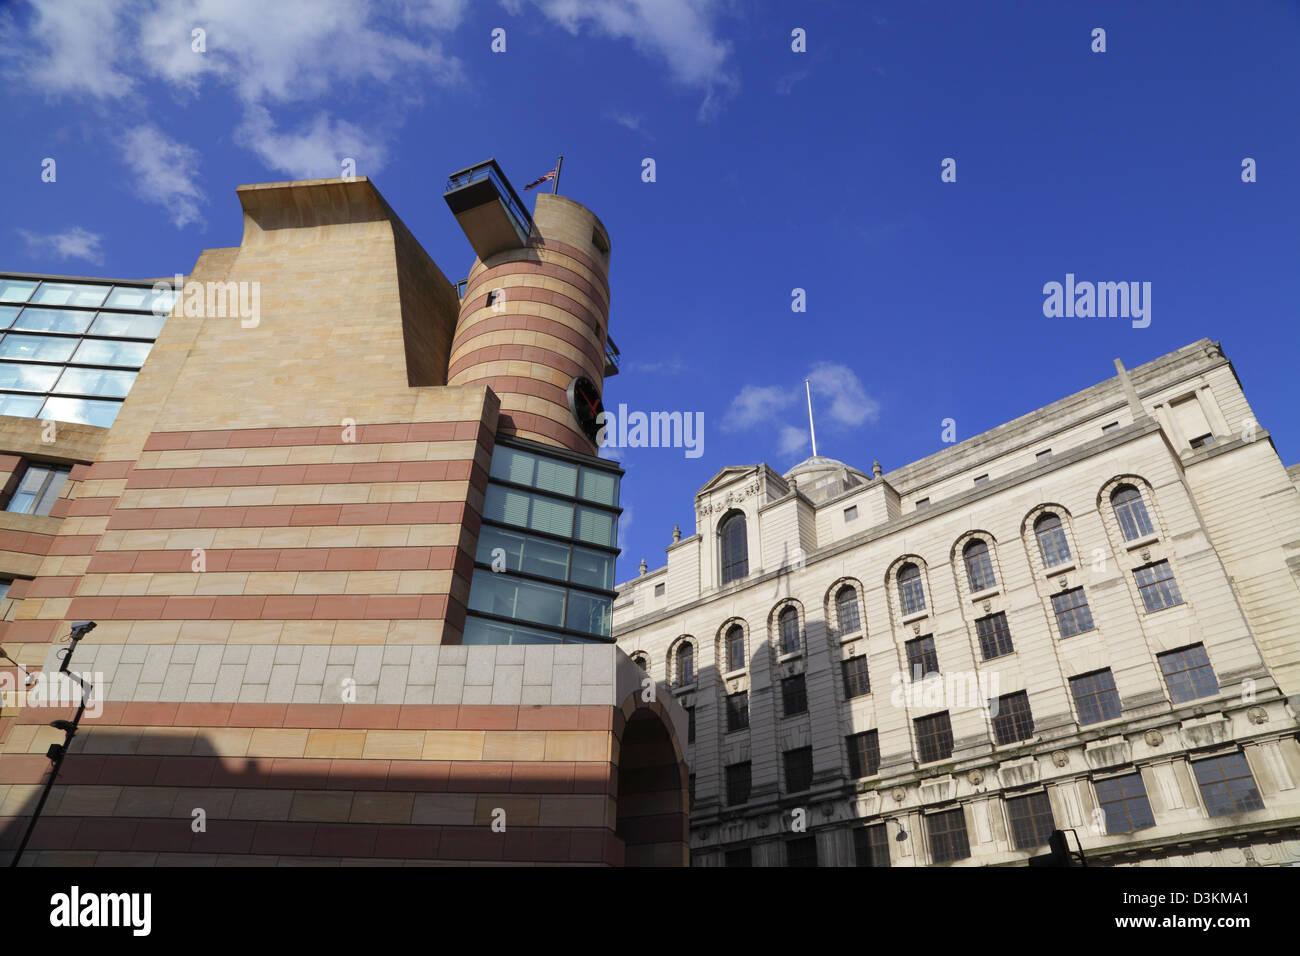 Architektur der Stadt, ein Geflügel Gebäude, City of London, England, UK, GB Stockbild